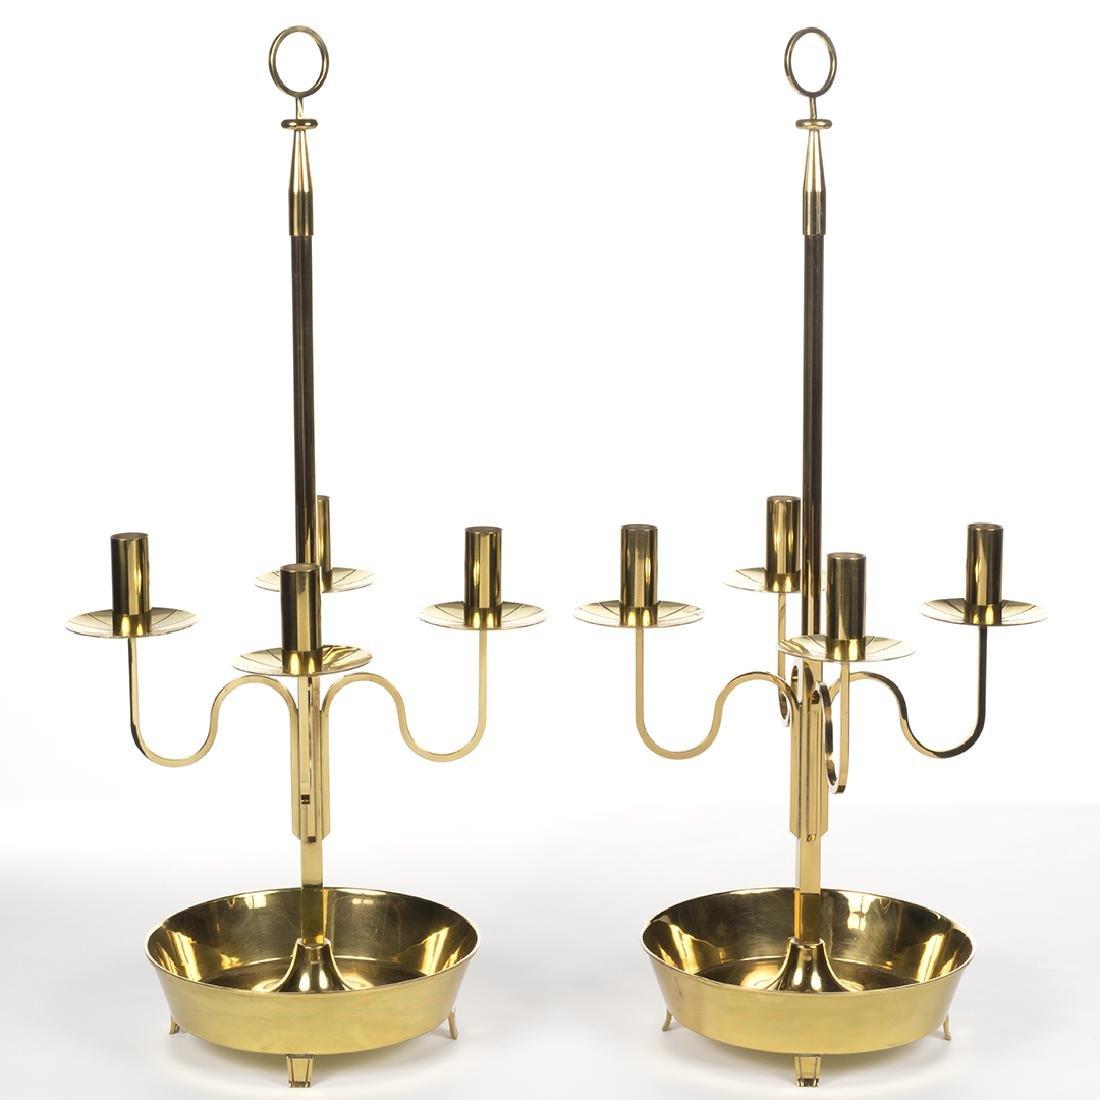 Tommi Parzinger Brass Candelabras (2) - 3